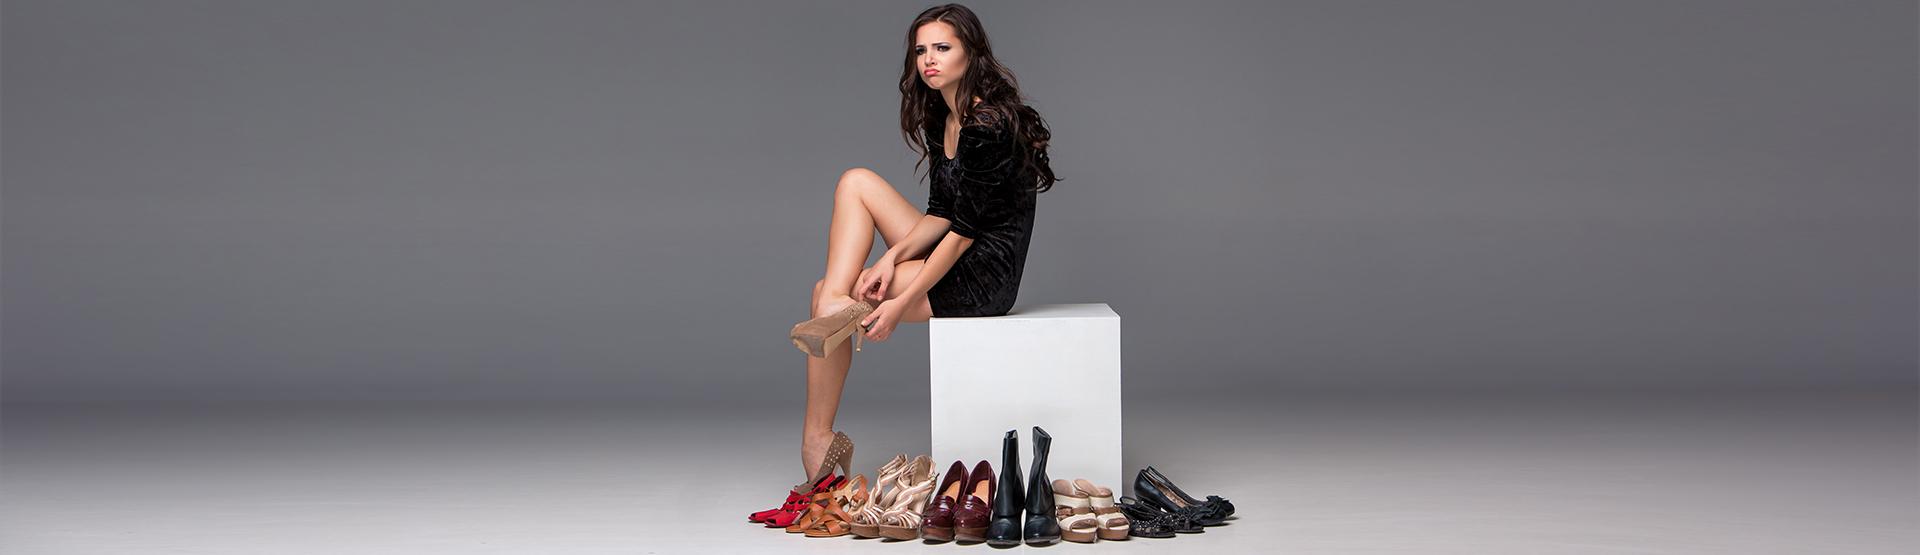 Les chaussures à talons, à consommer avec modération